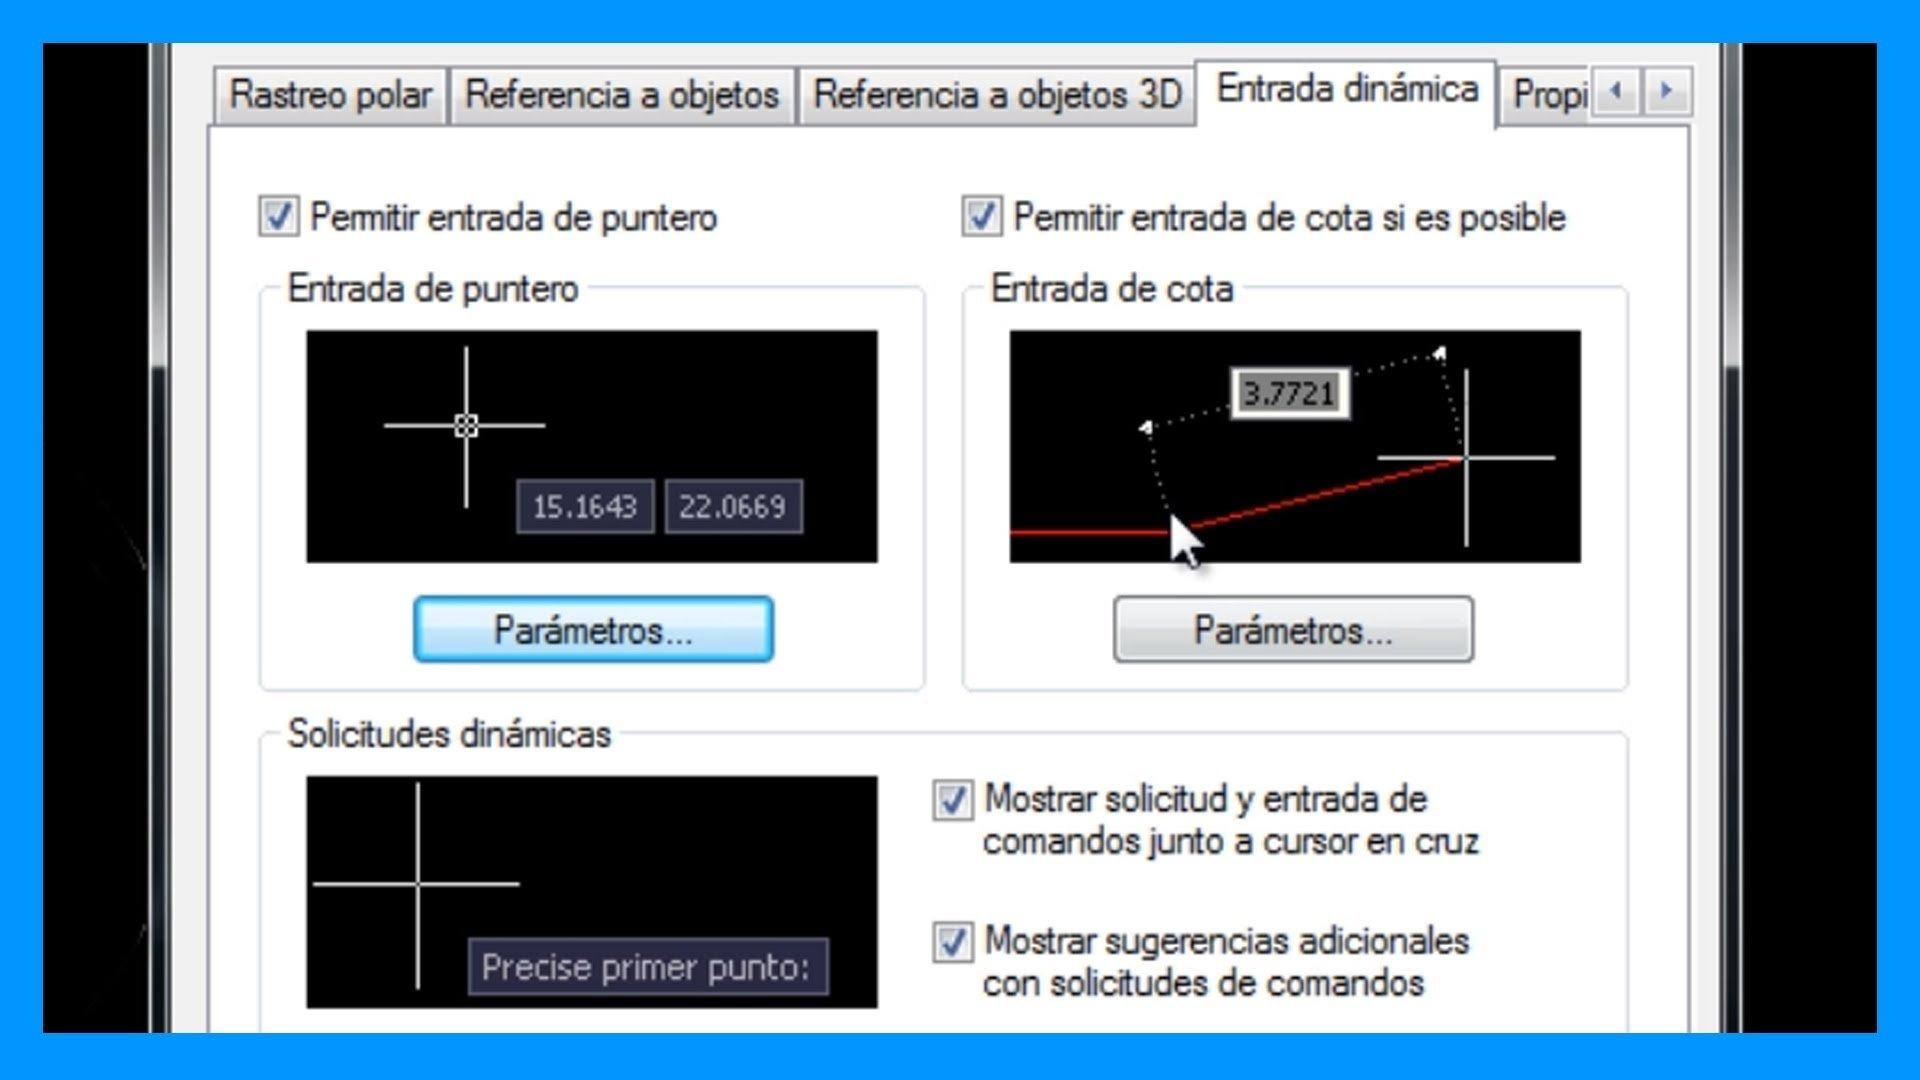 Autocad – Entradas dinámicas. Mostrar información junto al cursor de Autocad.